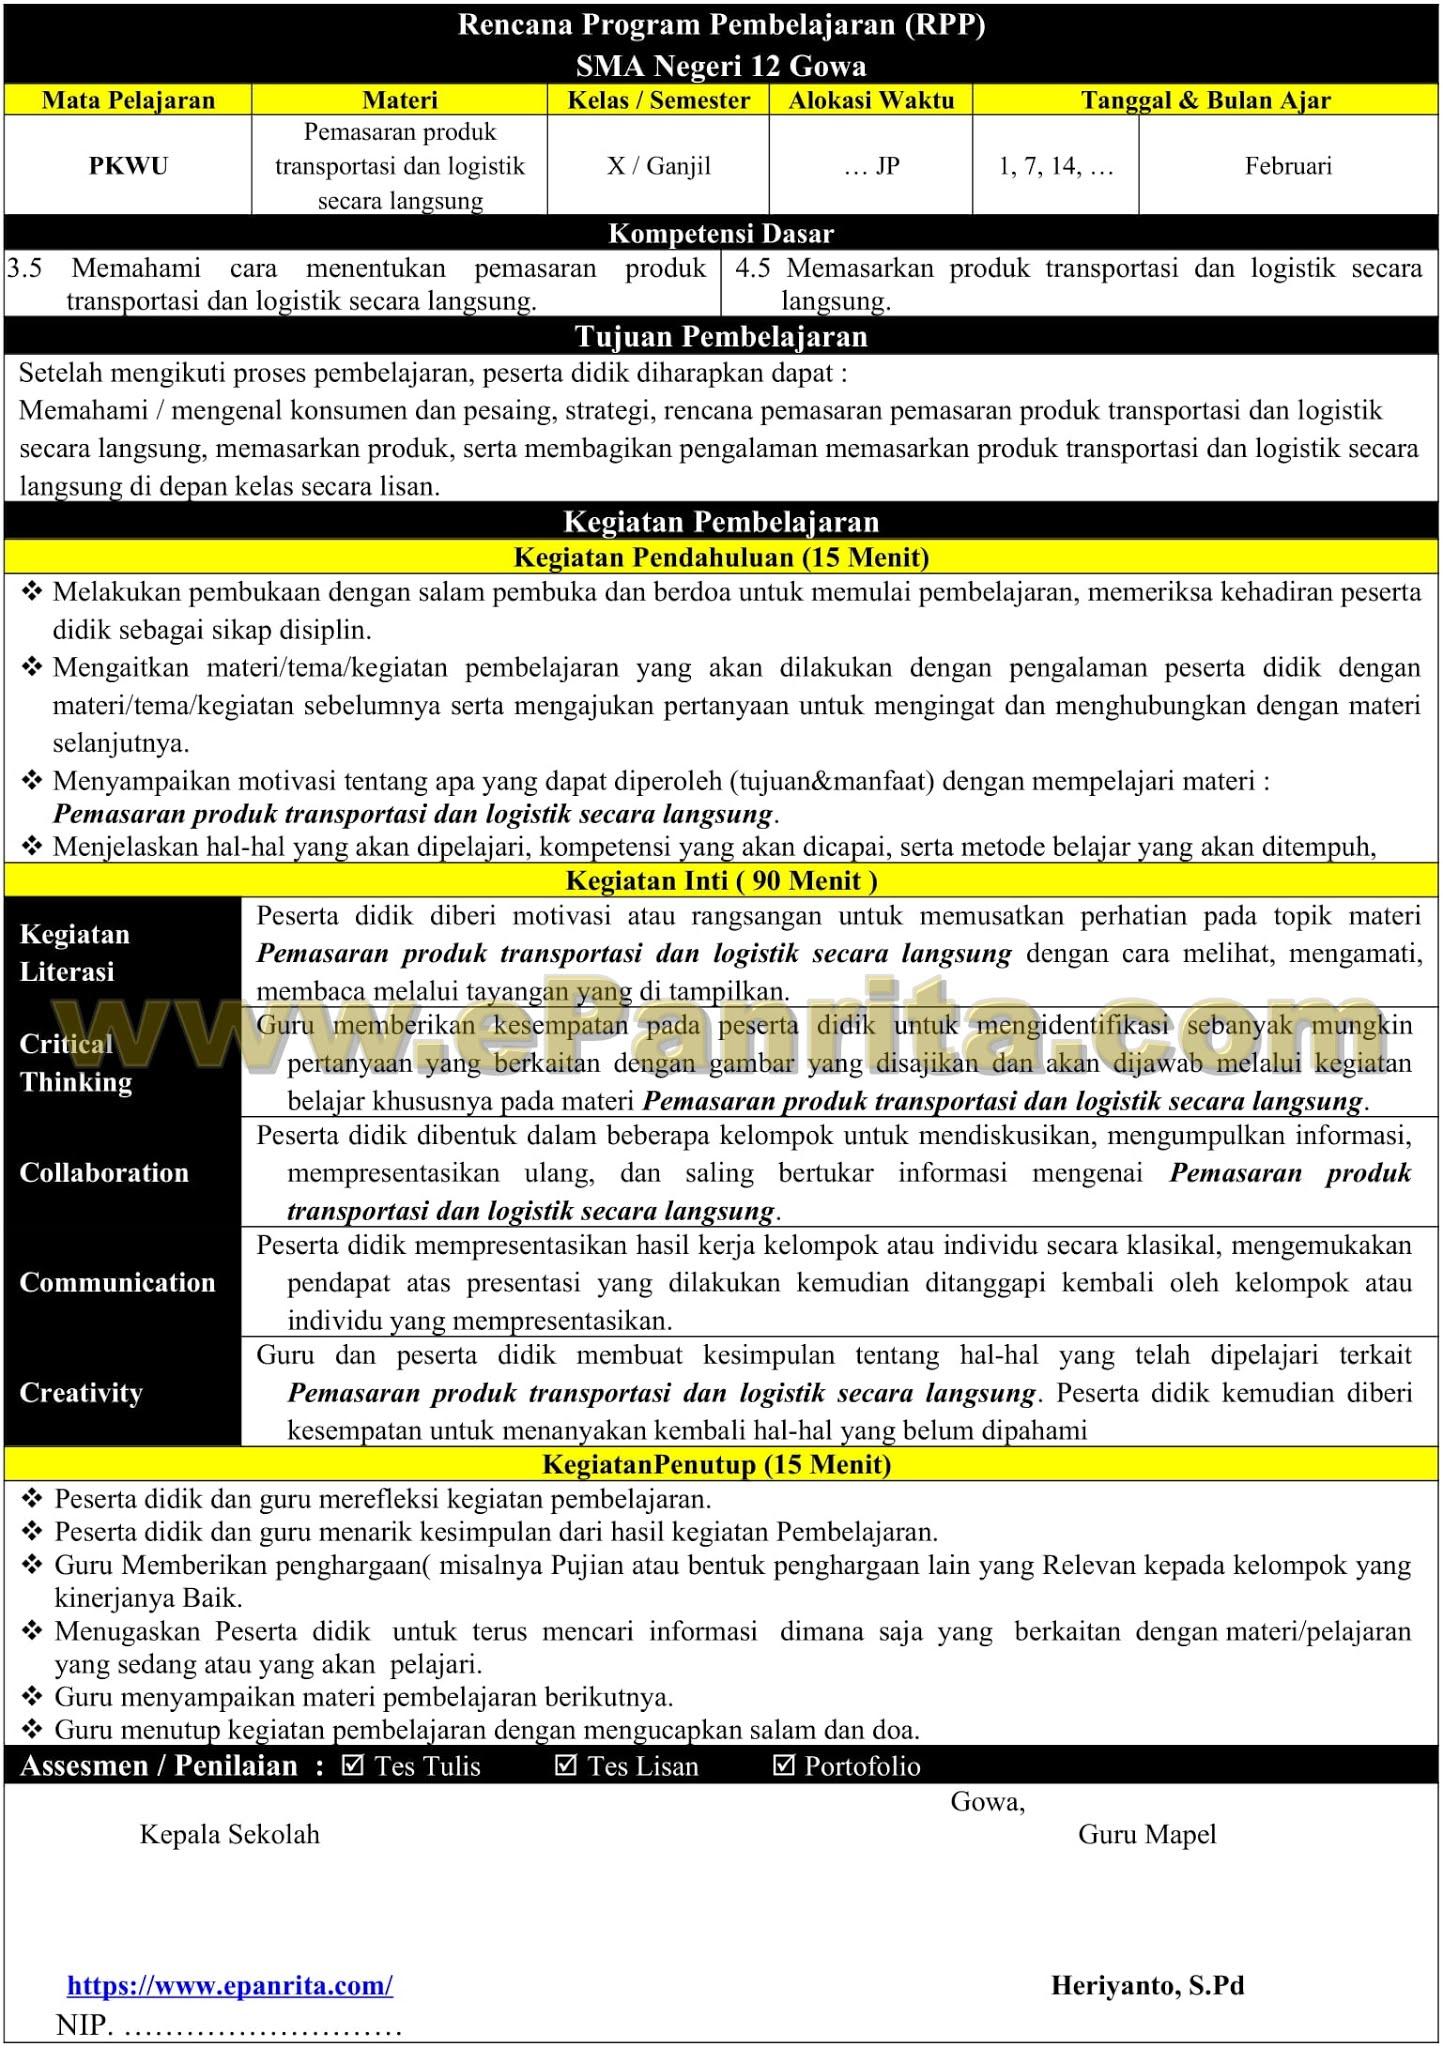 RPP 1 Halaman Prakarya Aspek Rekayasa (Pemasaran produk transportasi dan logistik secara langsung)